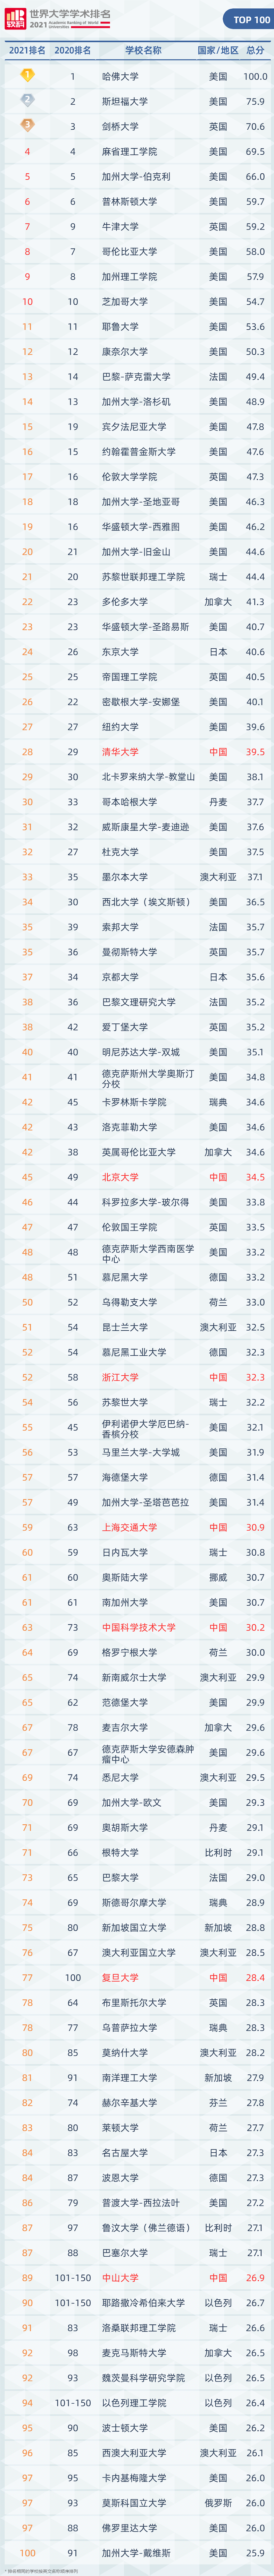 2021年软科世界大学学术排名完整名单